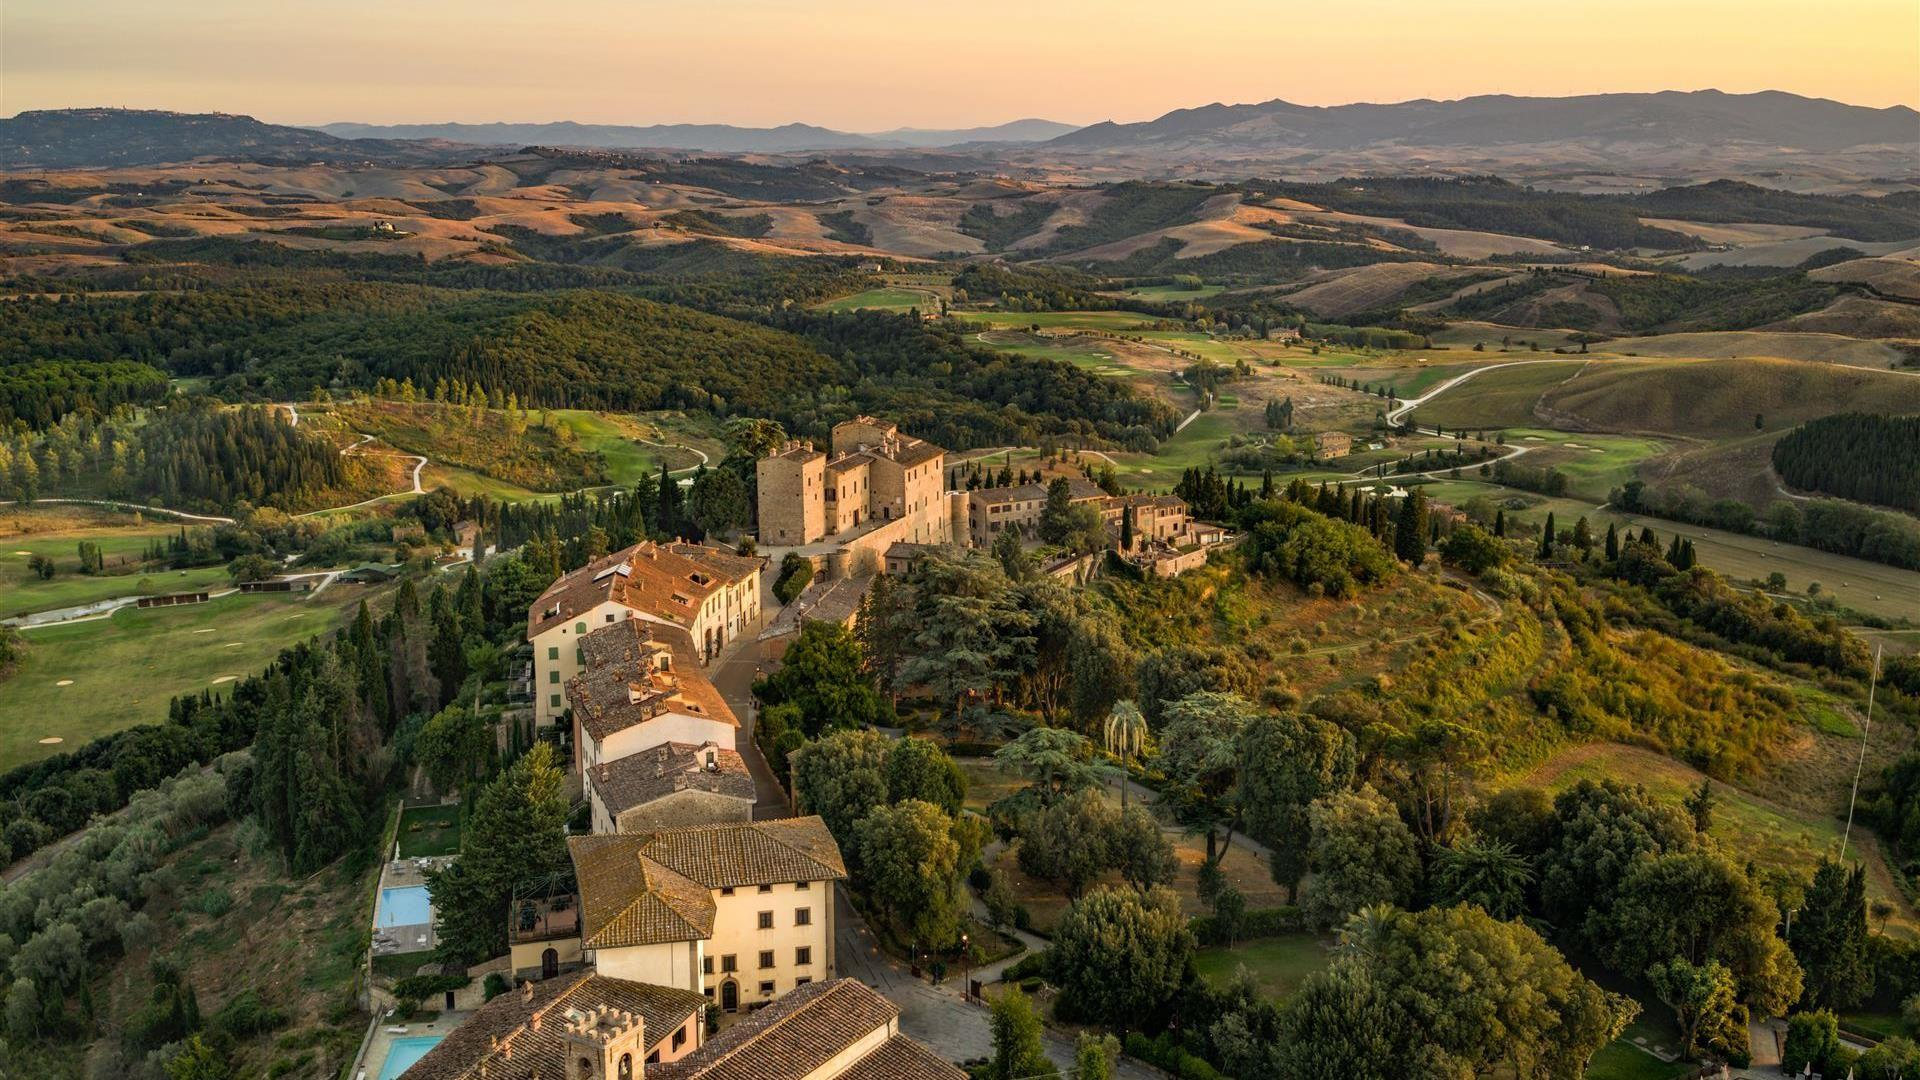 Ristoranti Matrimonio Toscana : Location per matrimoni in toscana le migliori del